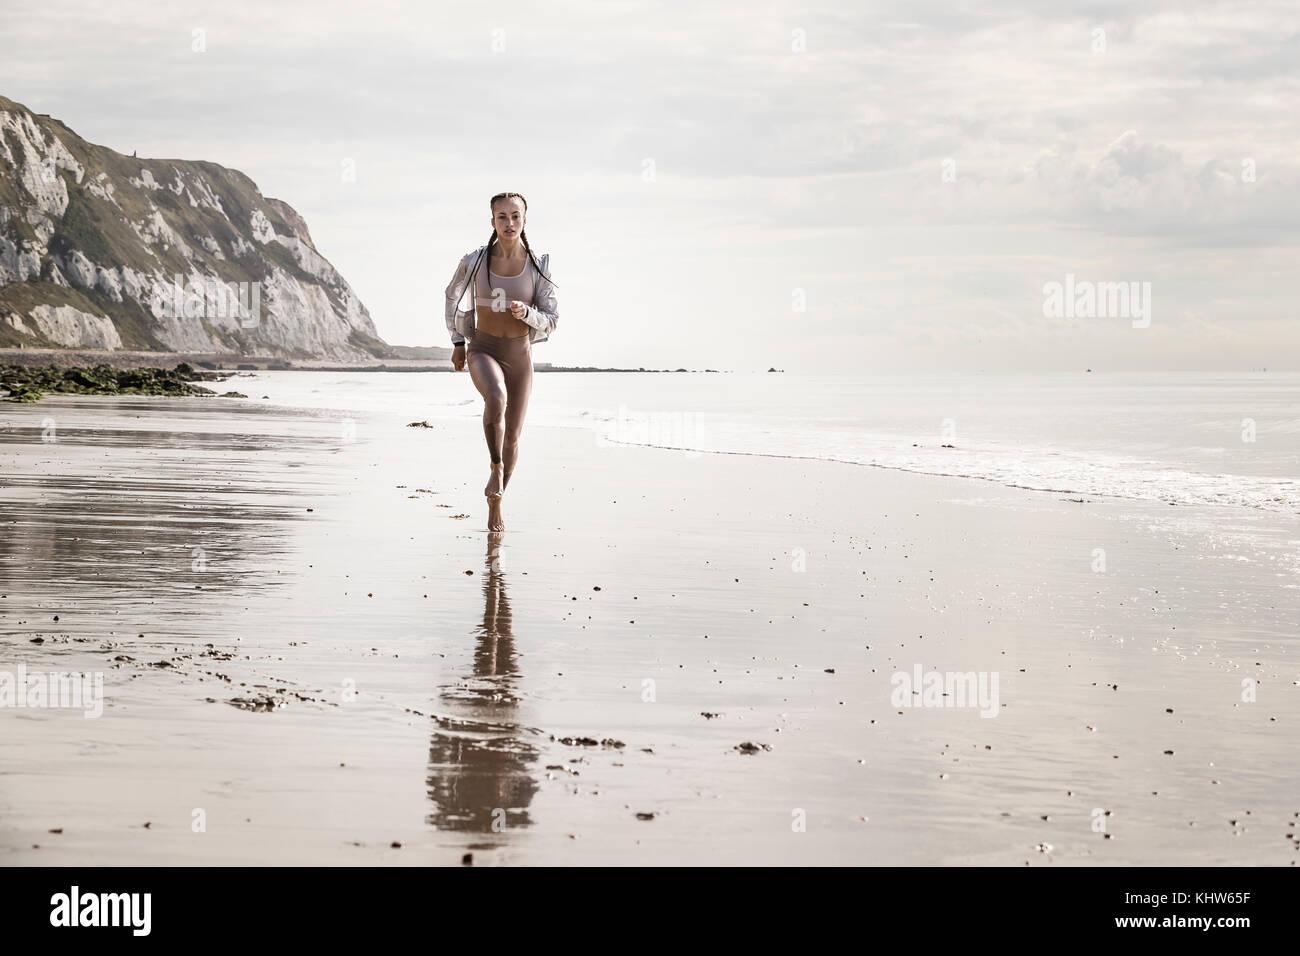 Vista frontale del giovane femmina runner correre a piedi nudi lungo la spiaggia Immagini Stock